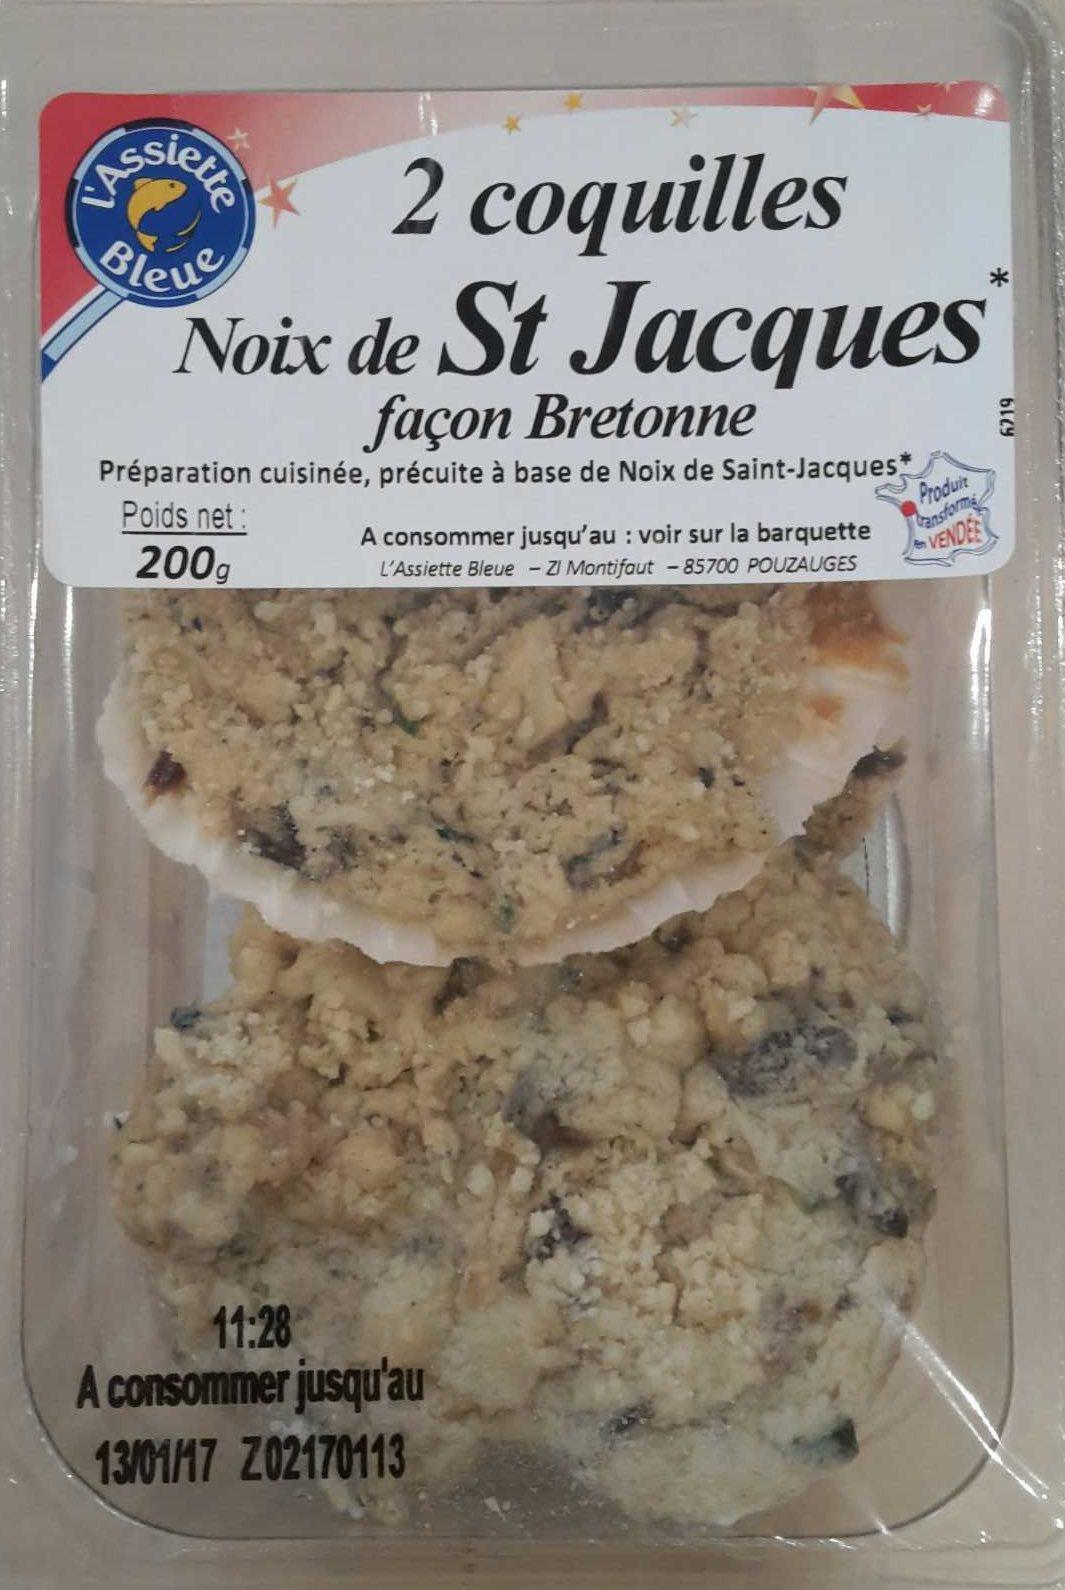 Noix de St Jacques façon Bretonne - Product - fr